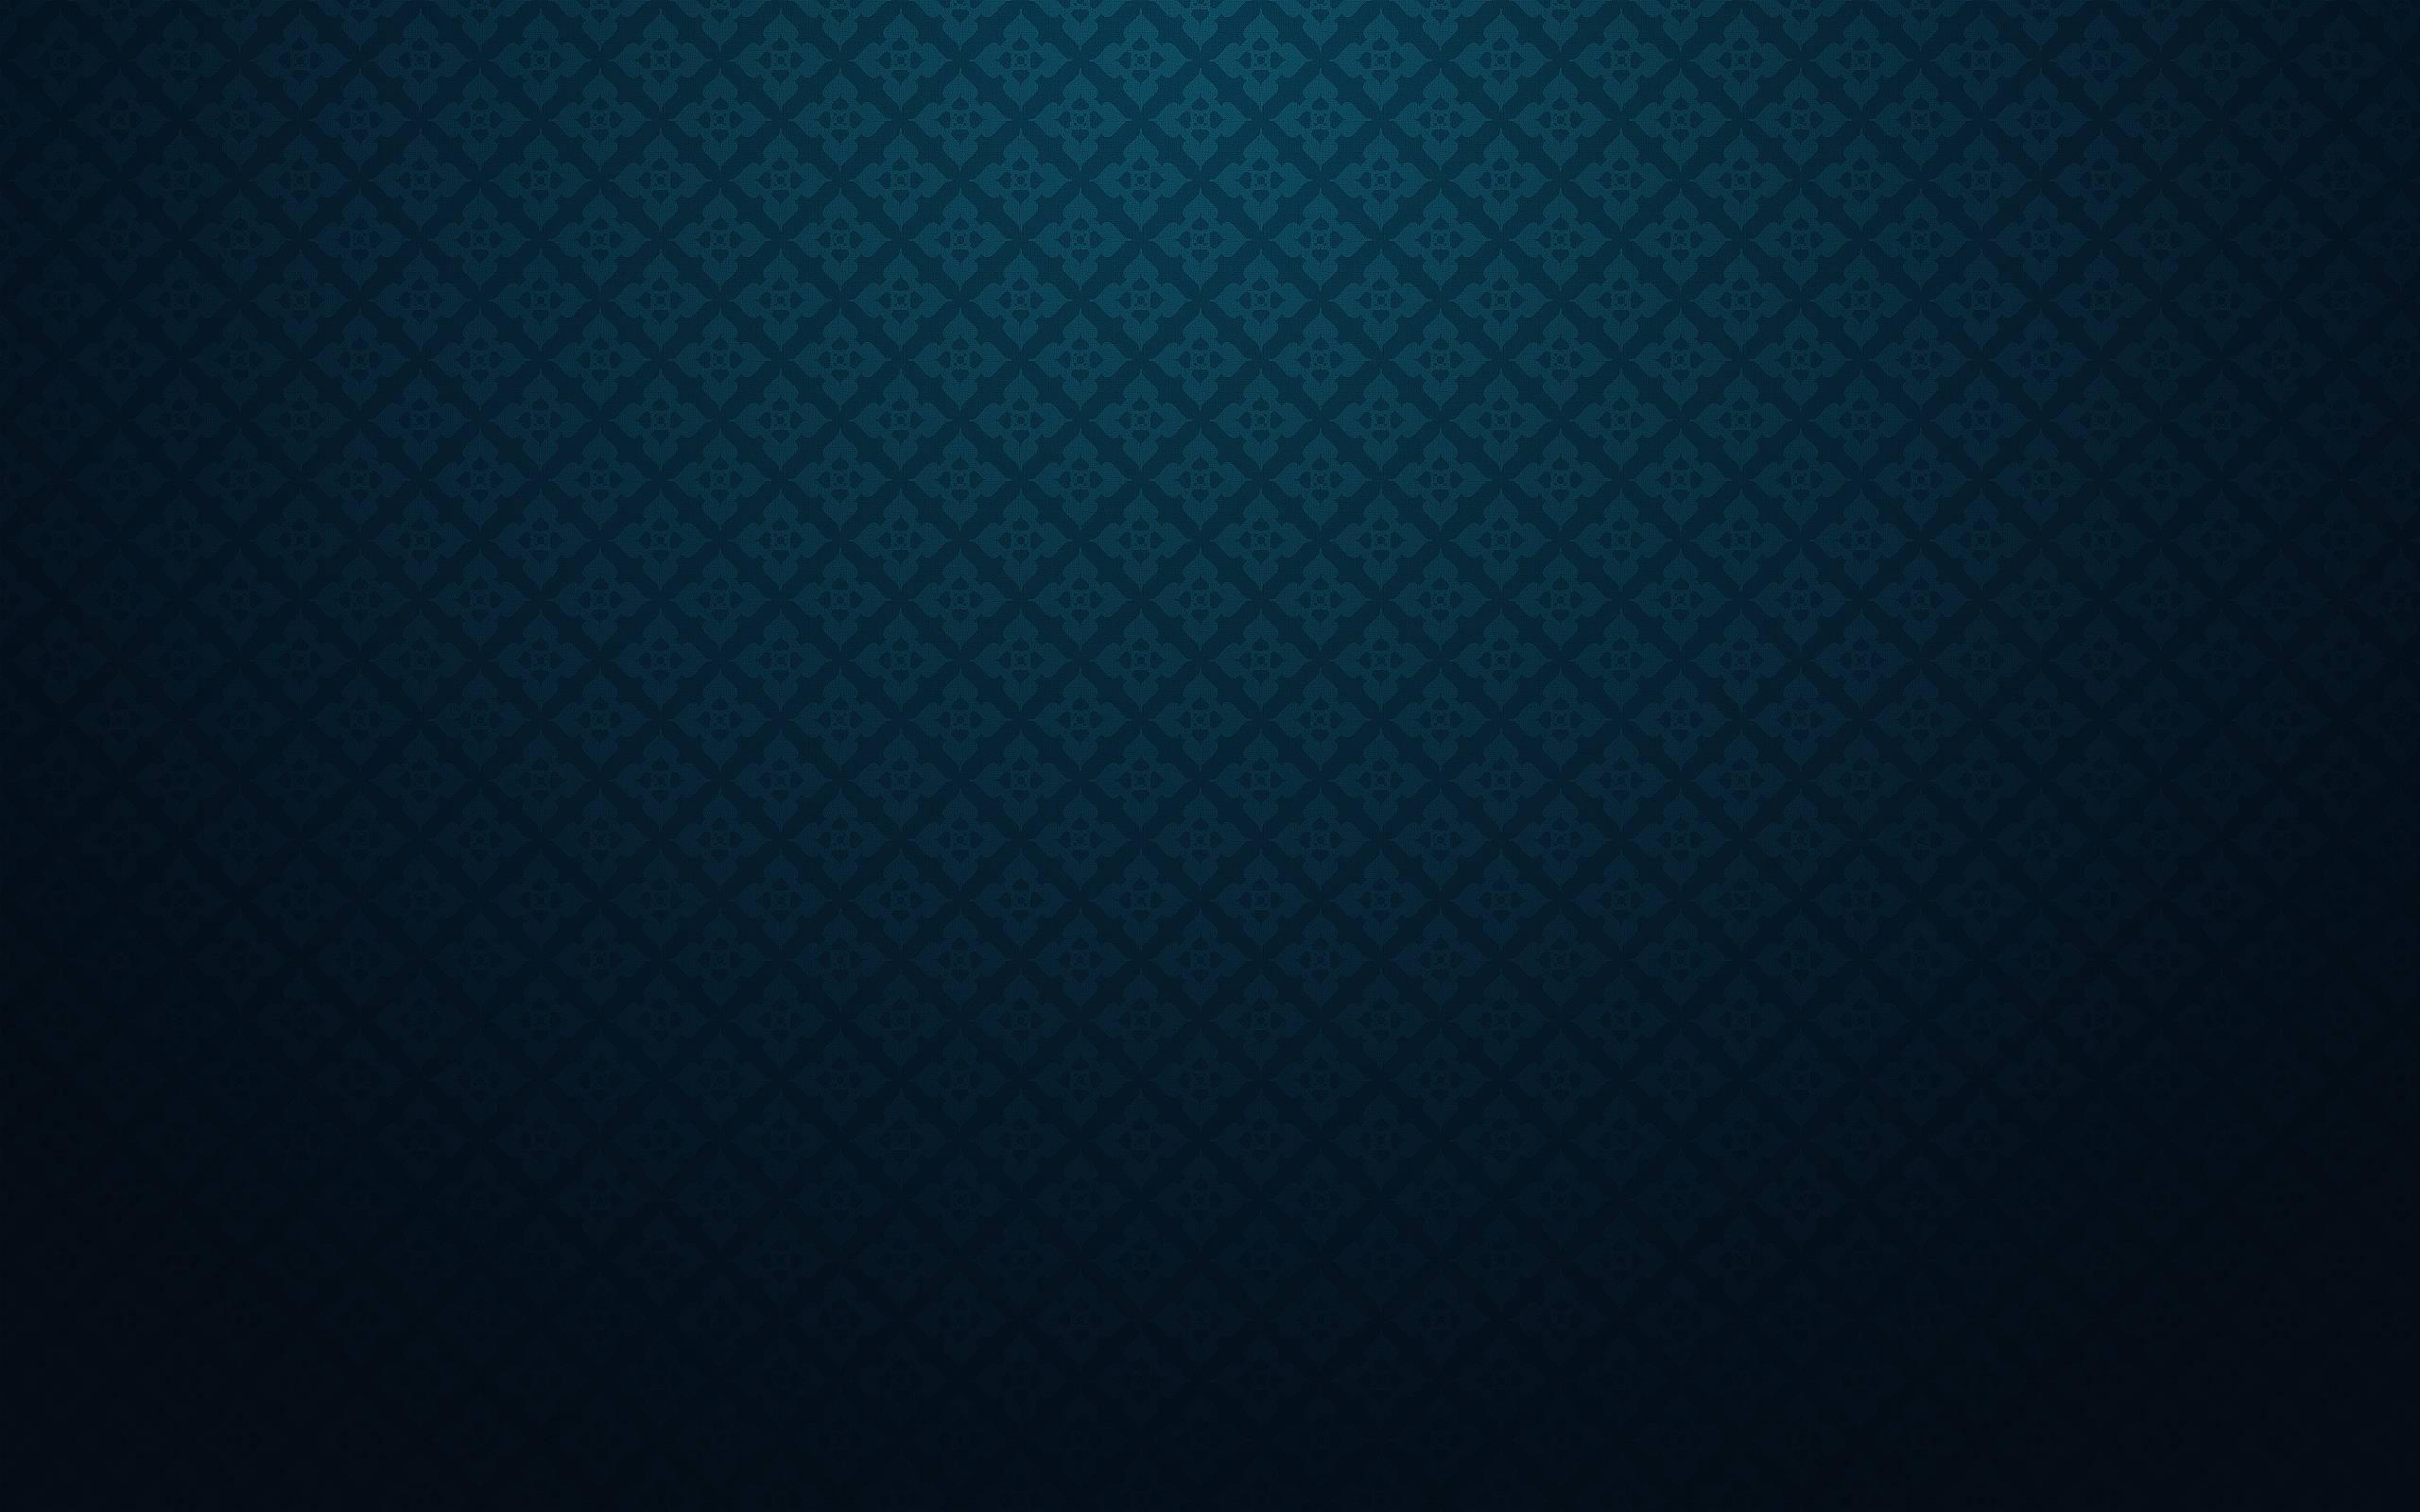 13 Blue Textured Wallpaper